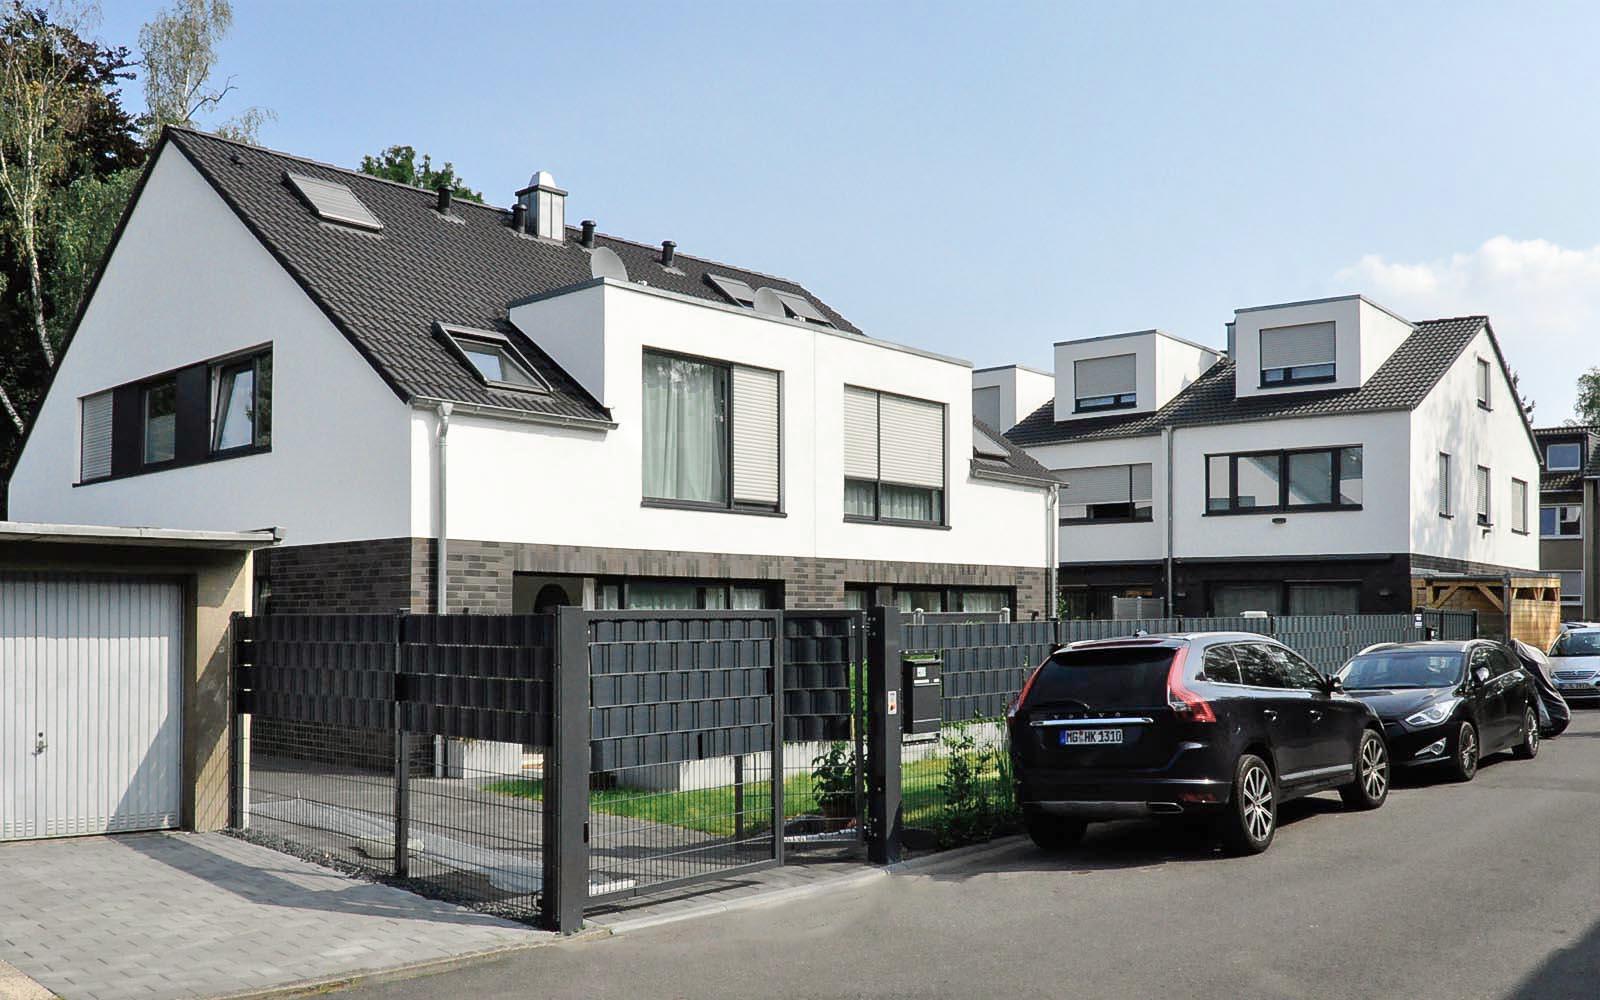 BFS51_SteinwegClausArchitekten_Doppelhaus_Klinker_Koeln_00001